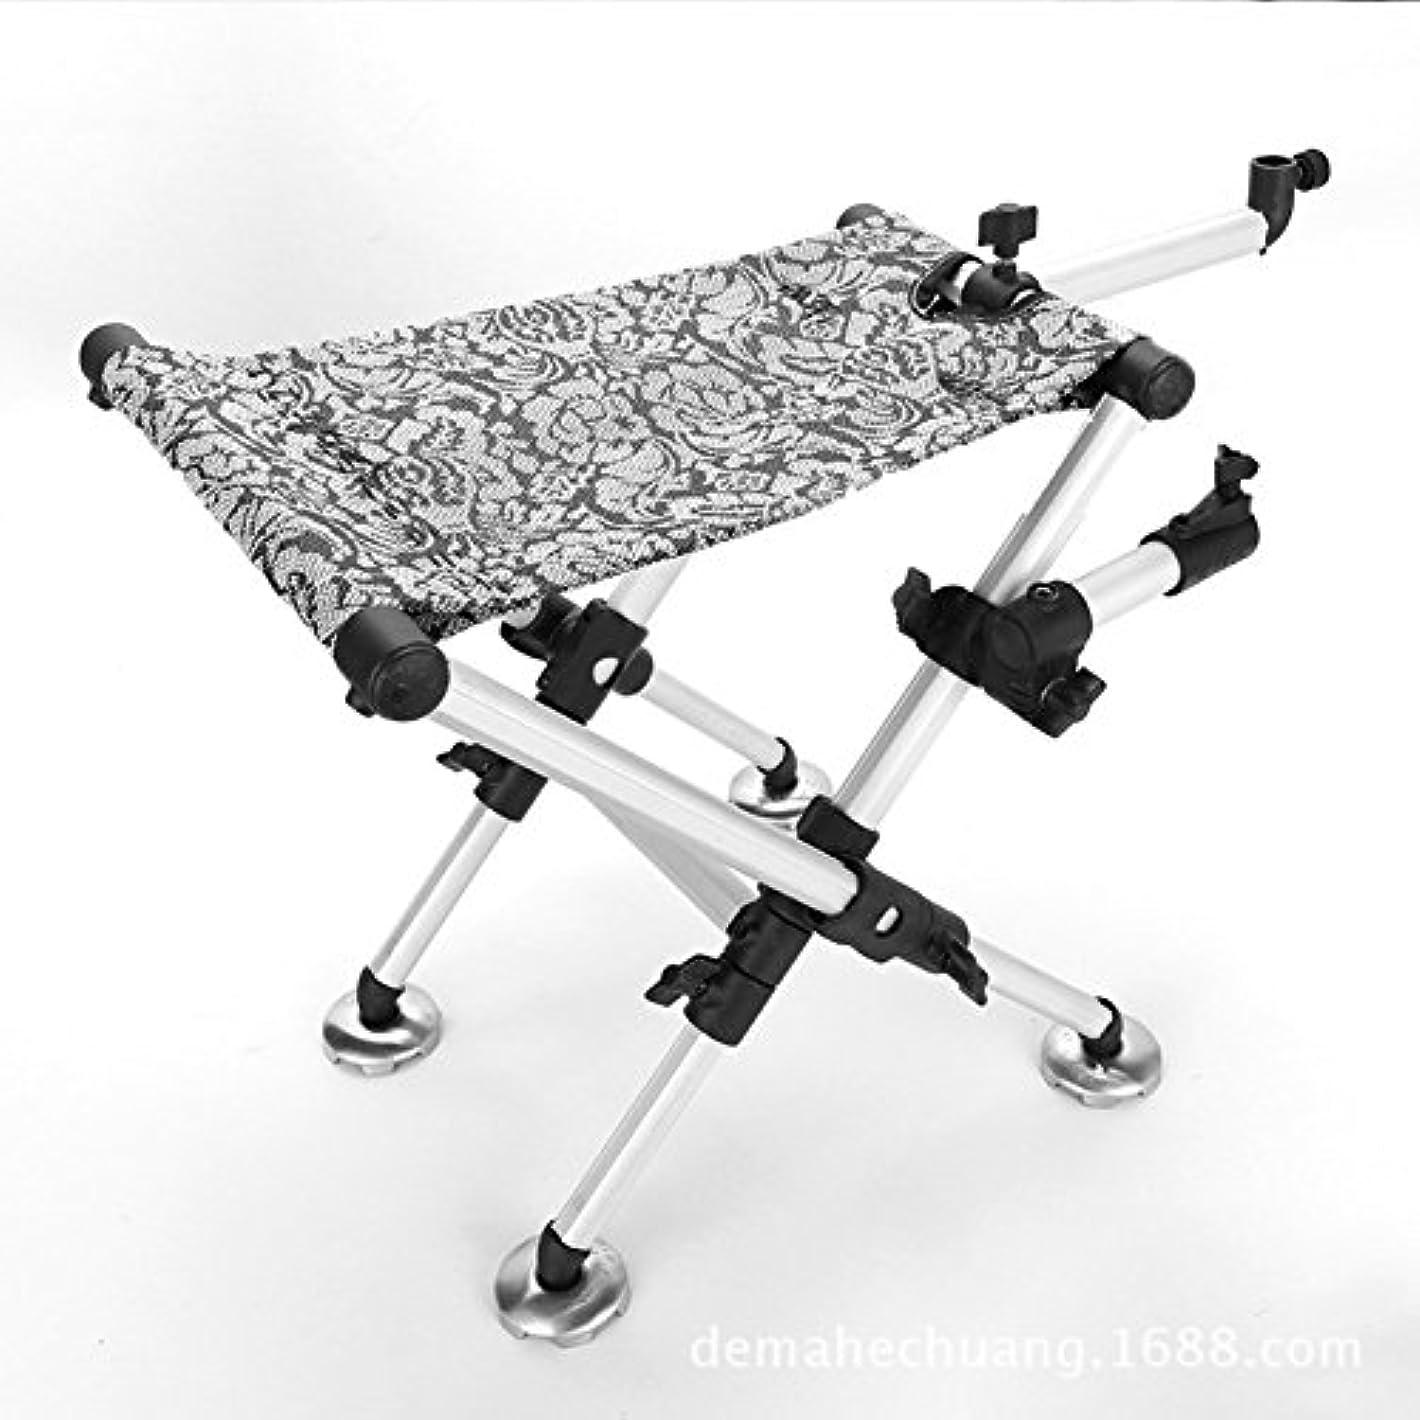 許可立方体慢なコンパクト 折りたたみ 釣り スツール,軽量 アウトドアチェア 折りたたみ椅子 ェア ポータブルチェア